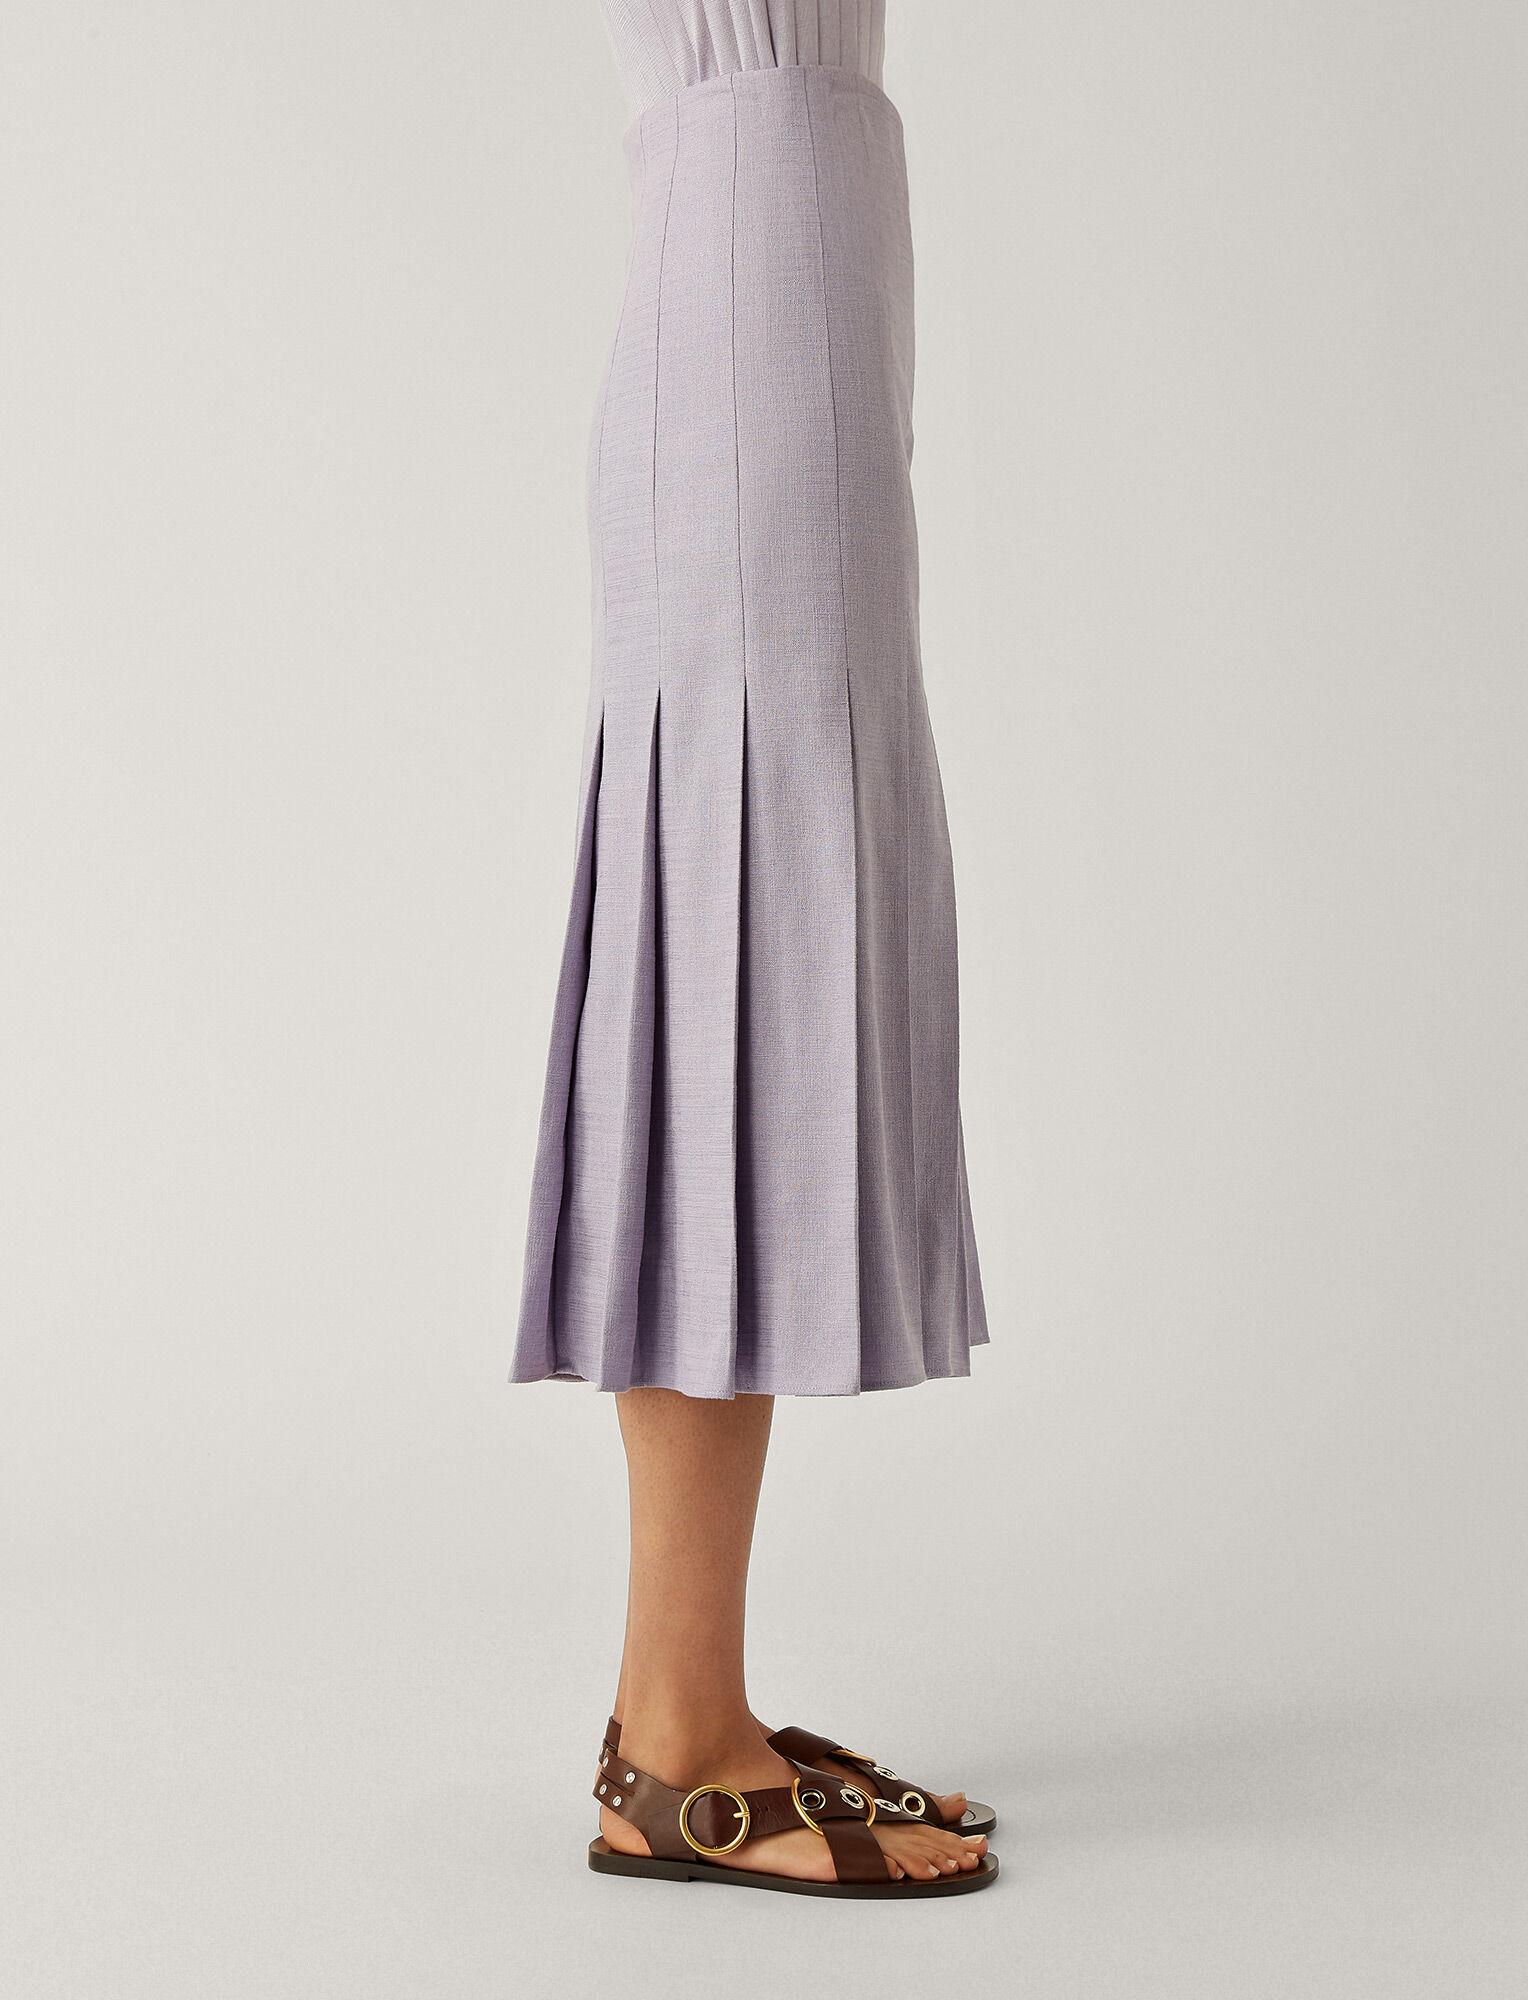 Joseph, Saari Shantung Linen Skirt, in PARME